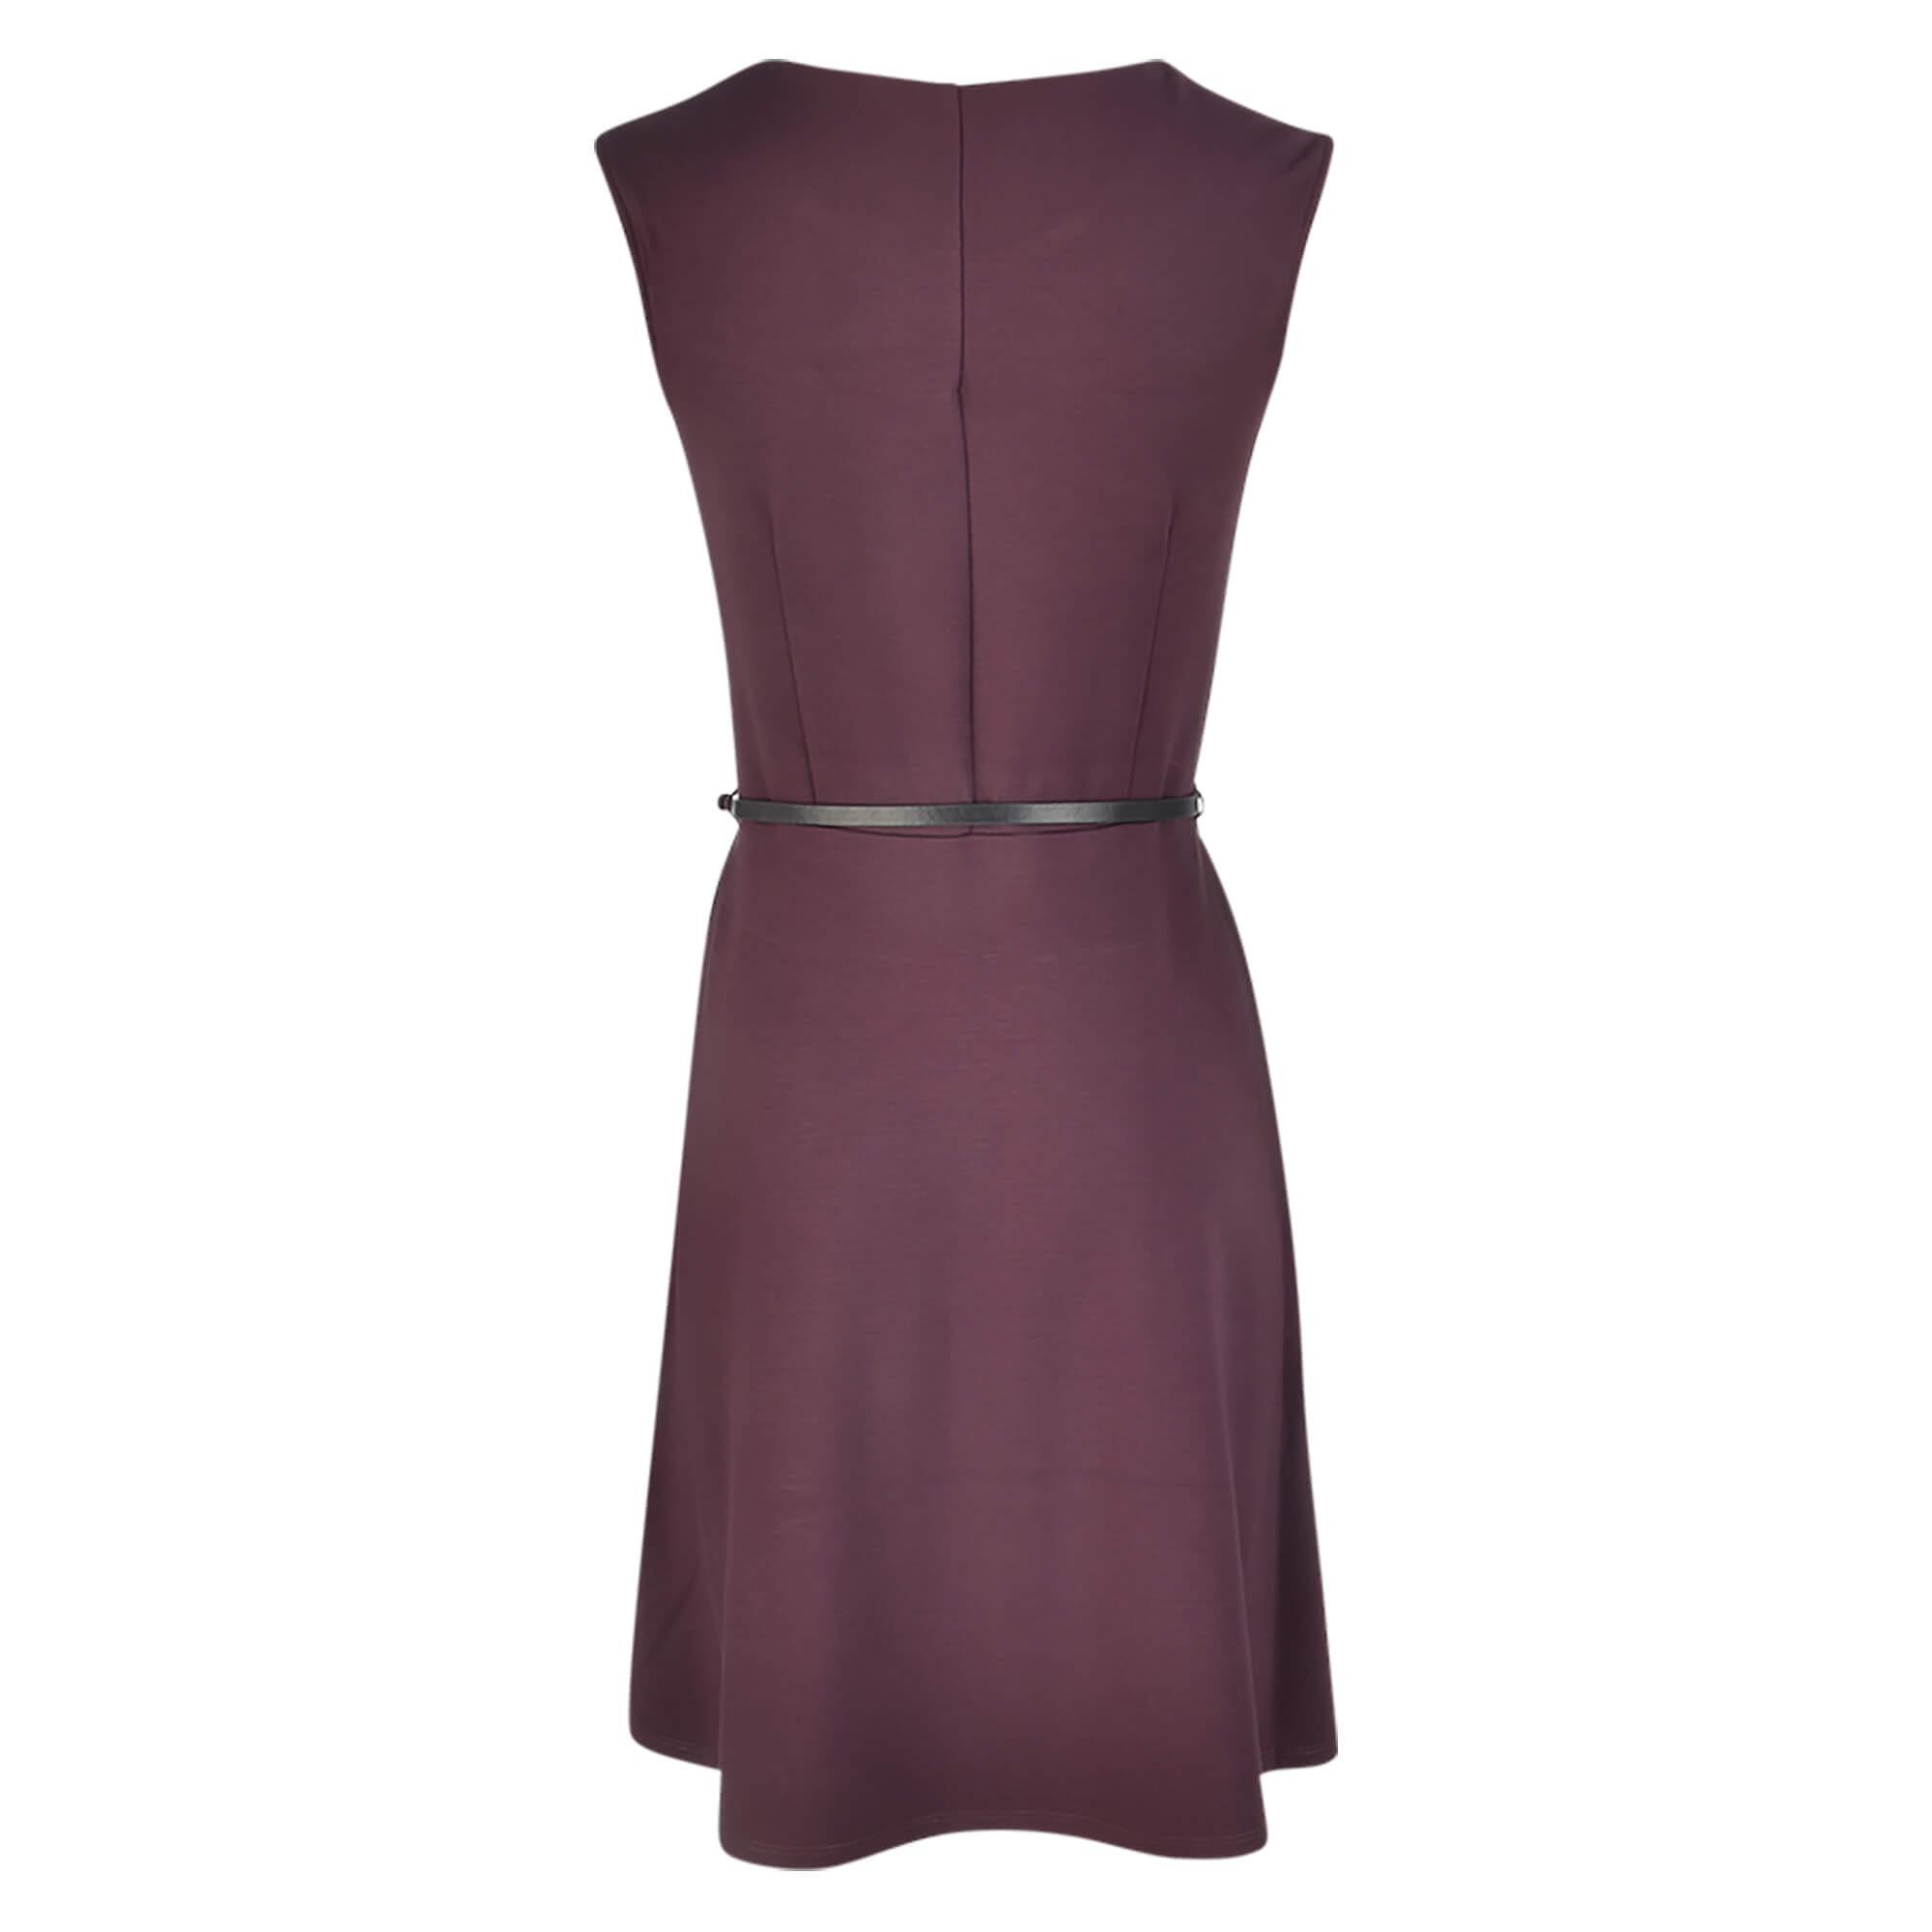 Kleid Regular Fit Roundneck Online Im Shop Bei Meinfischer De Kaufen Mein Fischer